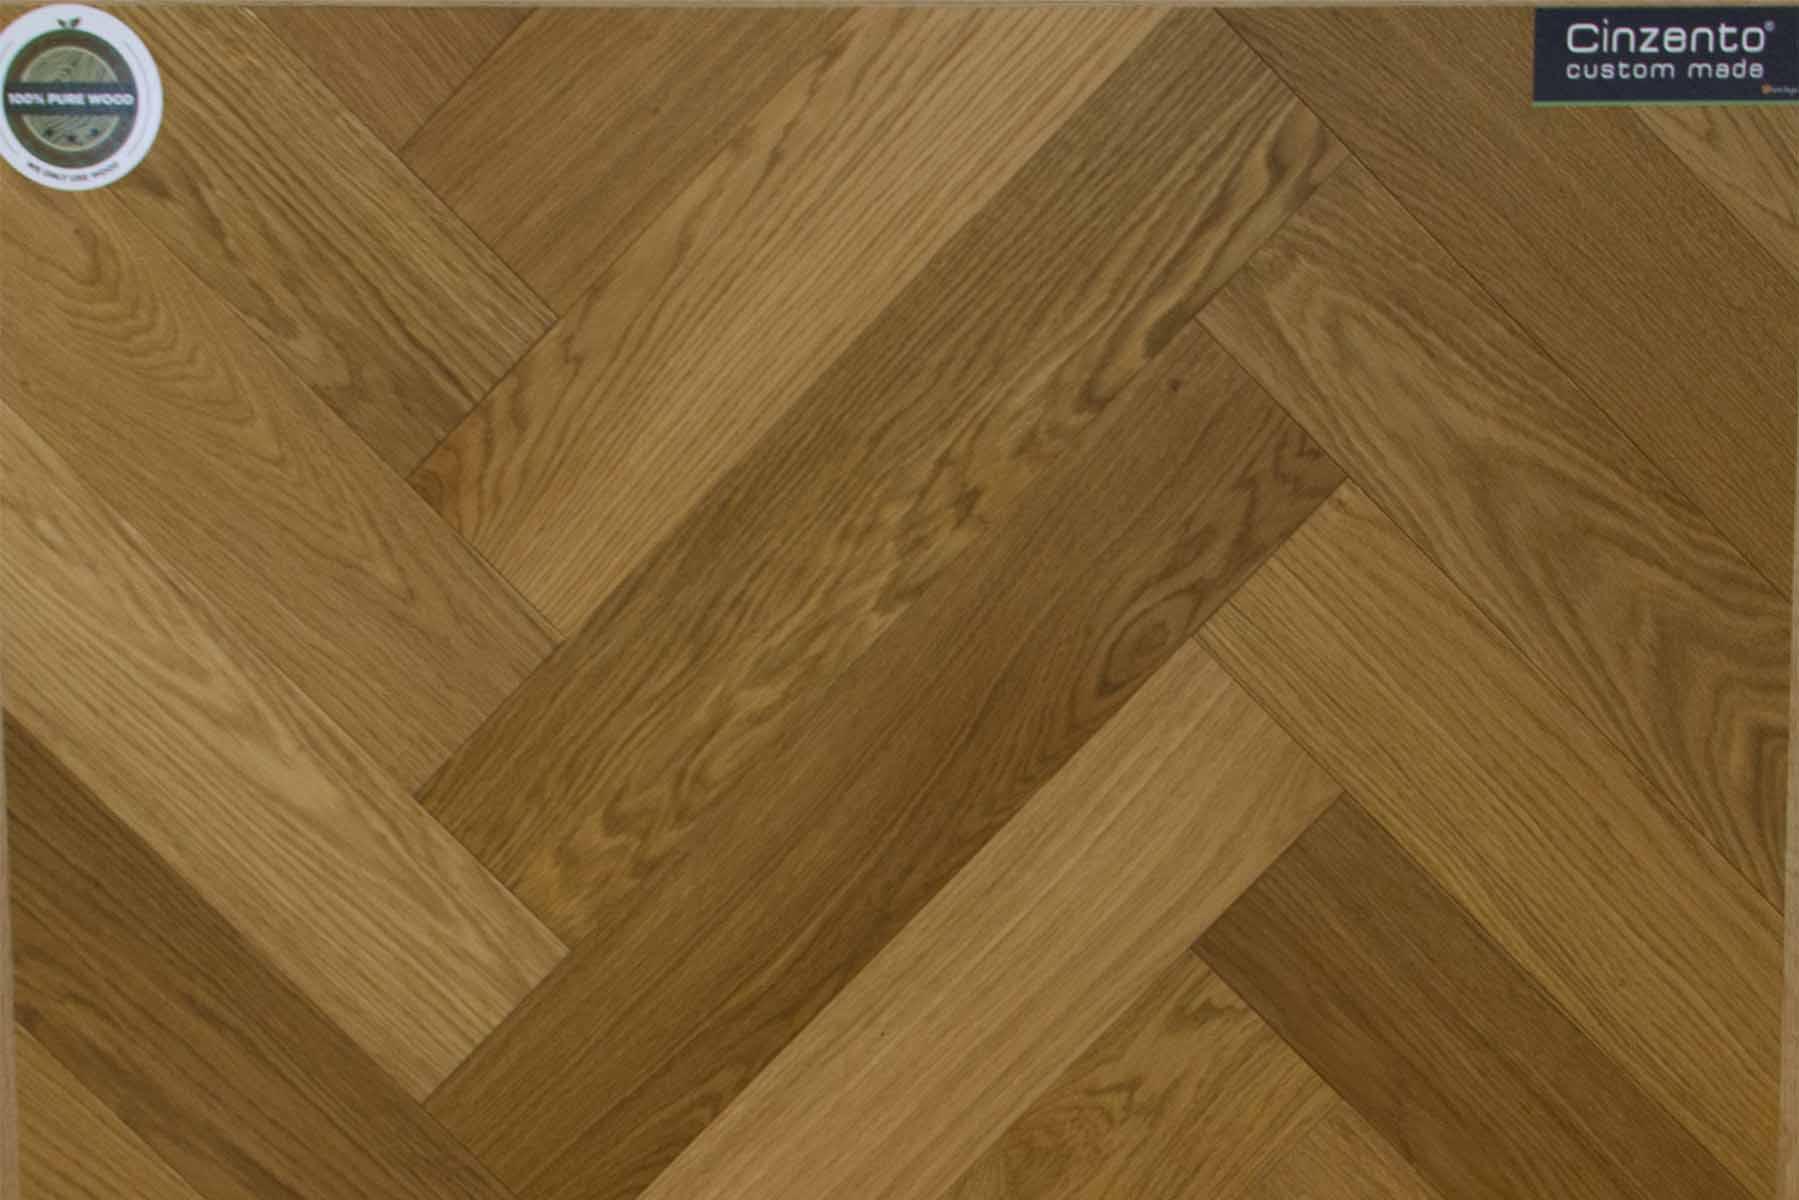 Herringbone 15/4 x 120 x 600 mm Euro. Oak Nature 4-sides bevel